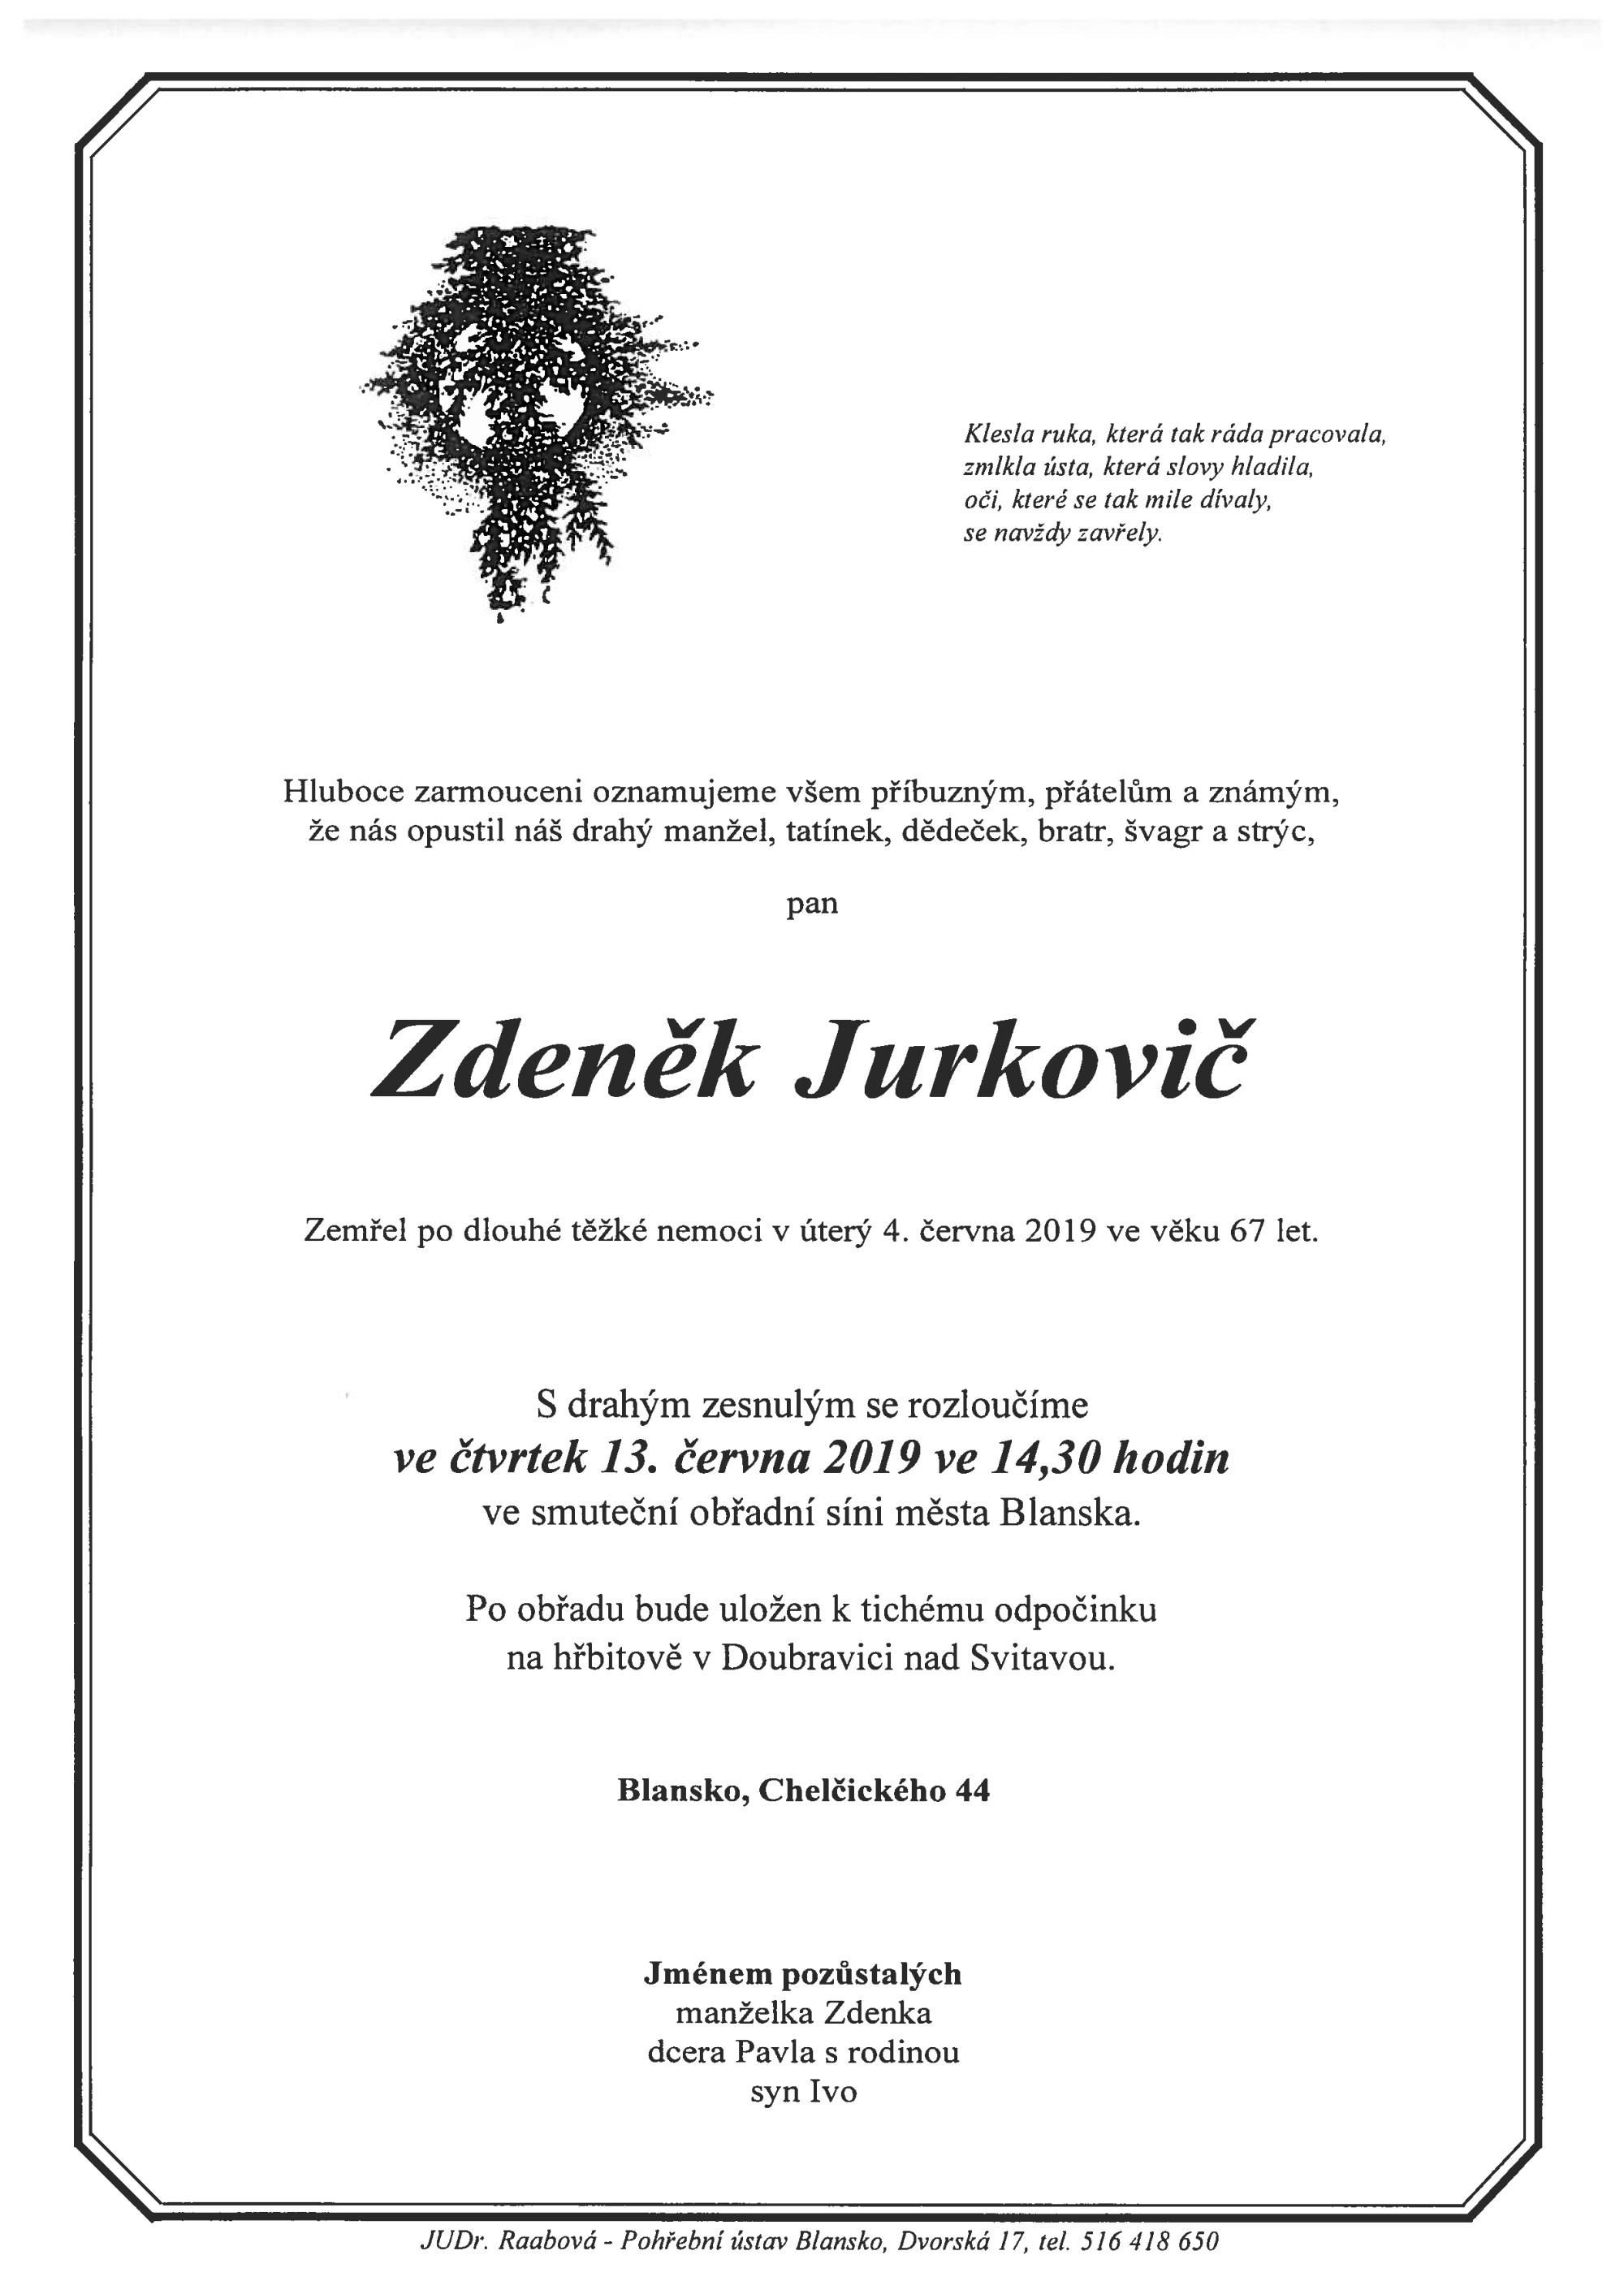 Zdeněk Jurkovič